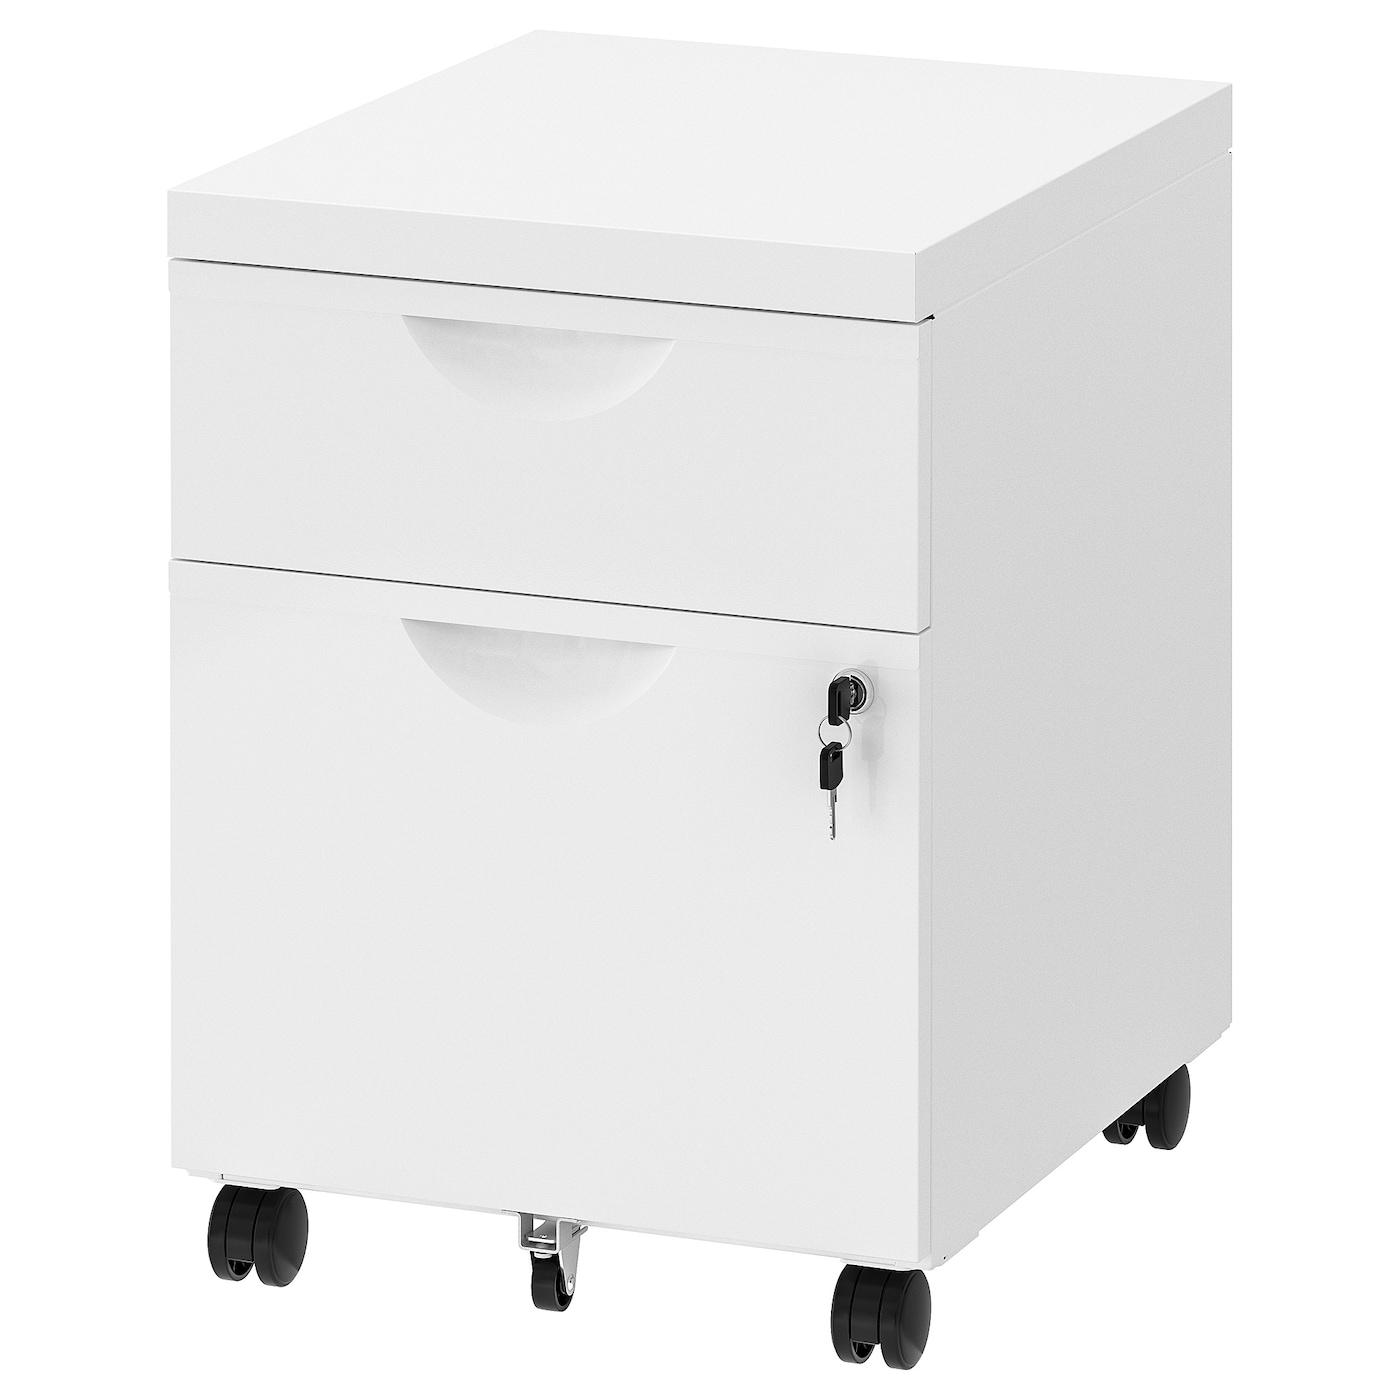 IKEA ERIK biała komoda na kółkach z dwiema szufladami, 41x57 cm